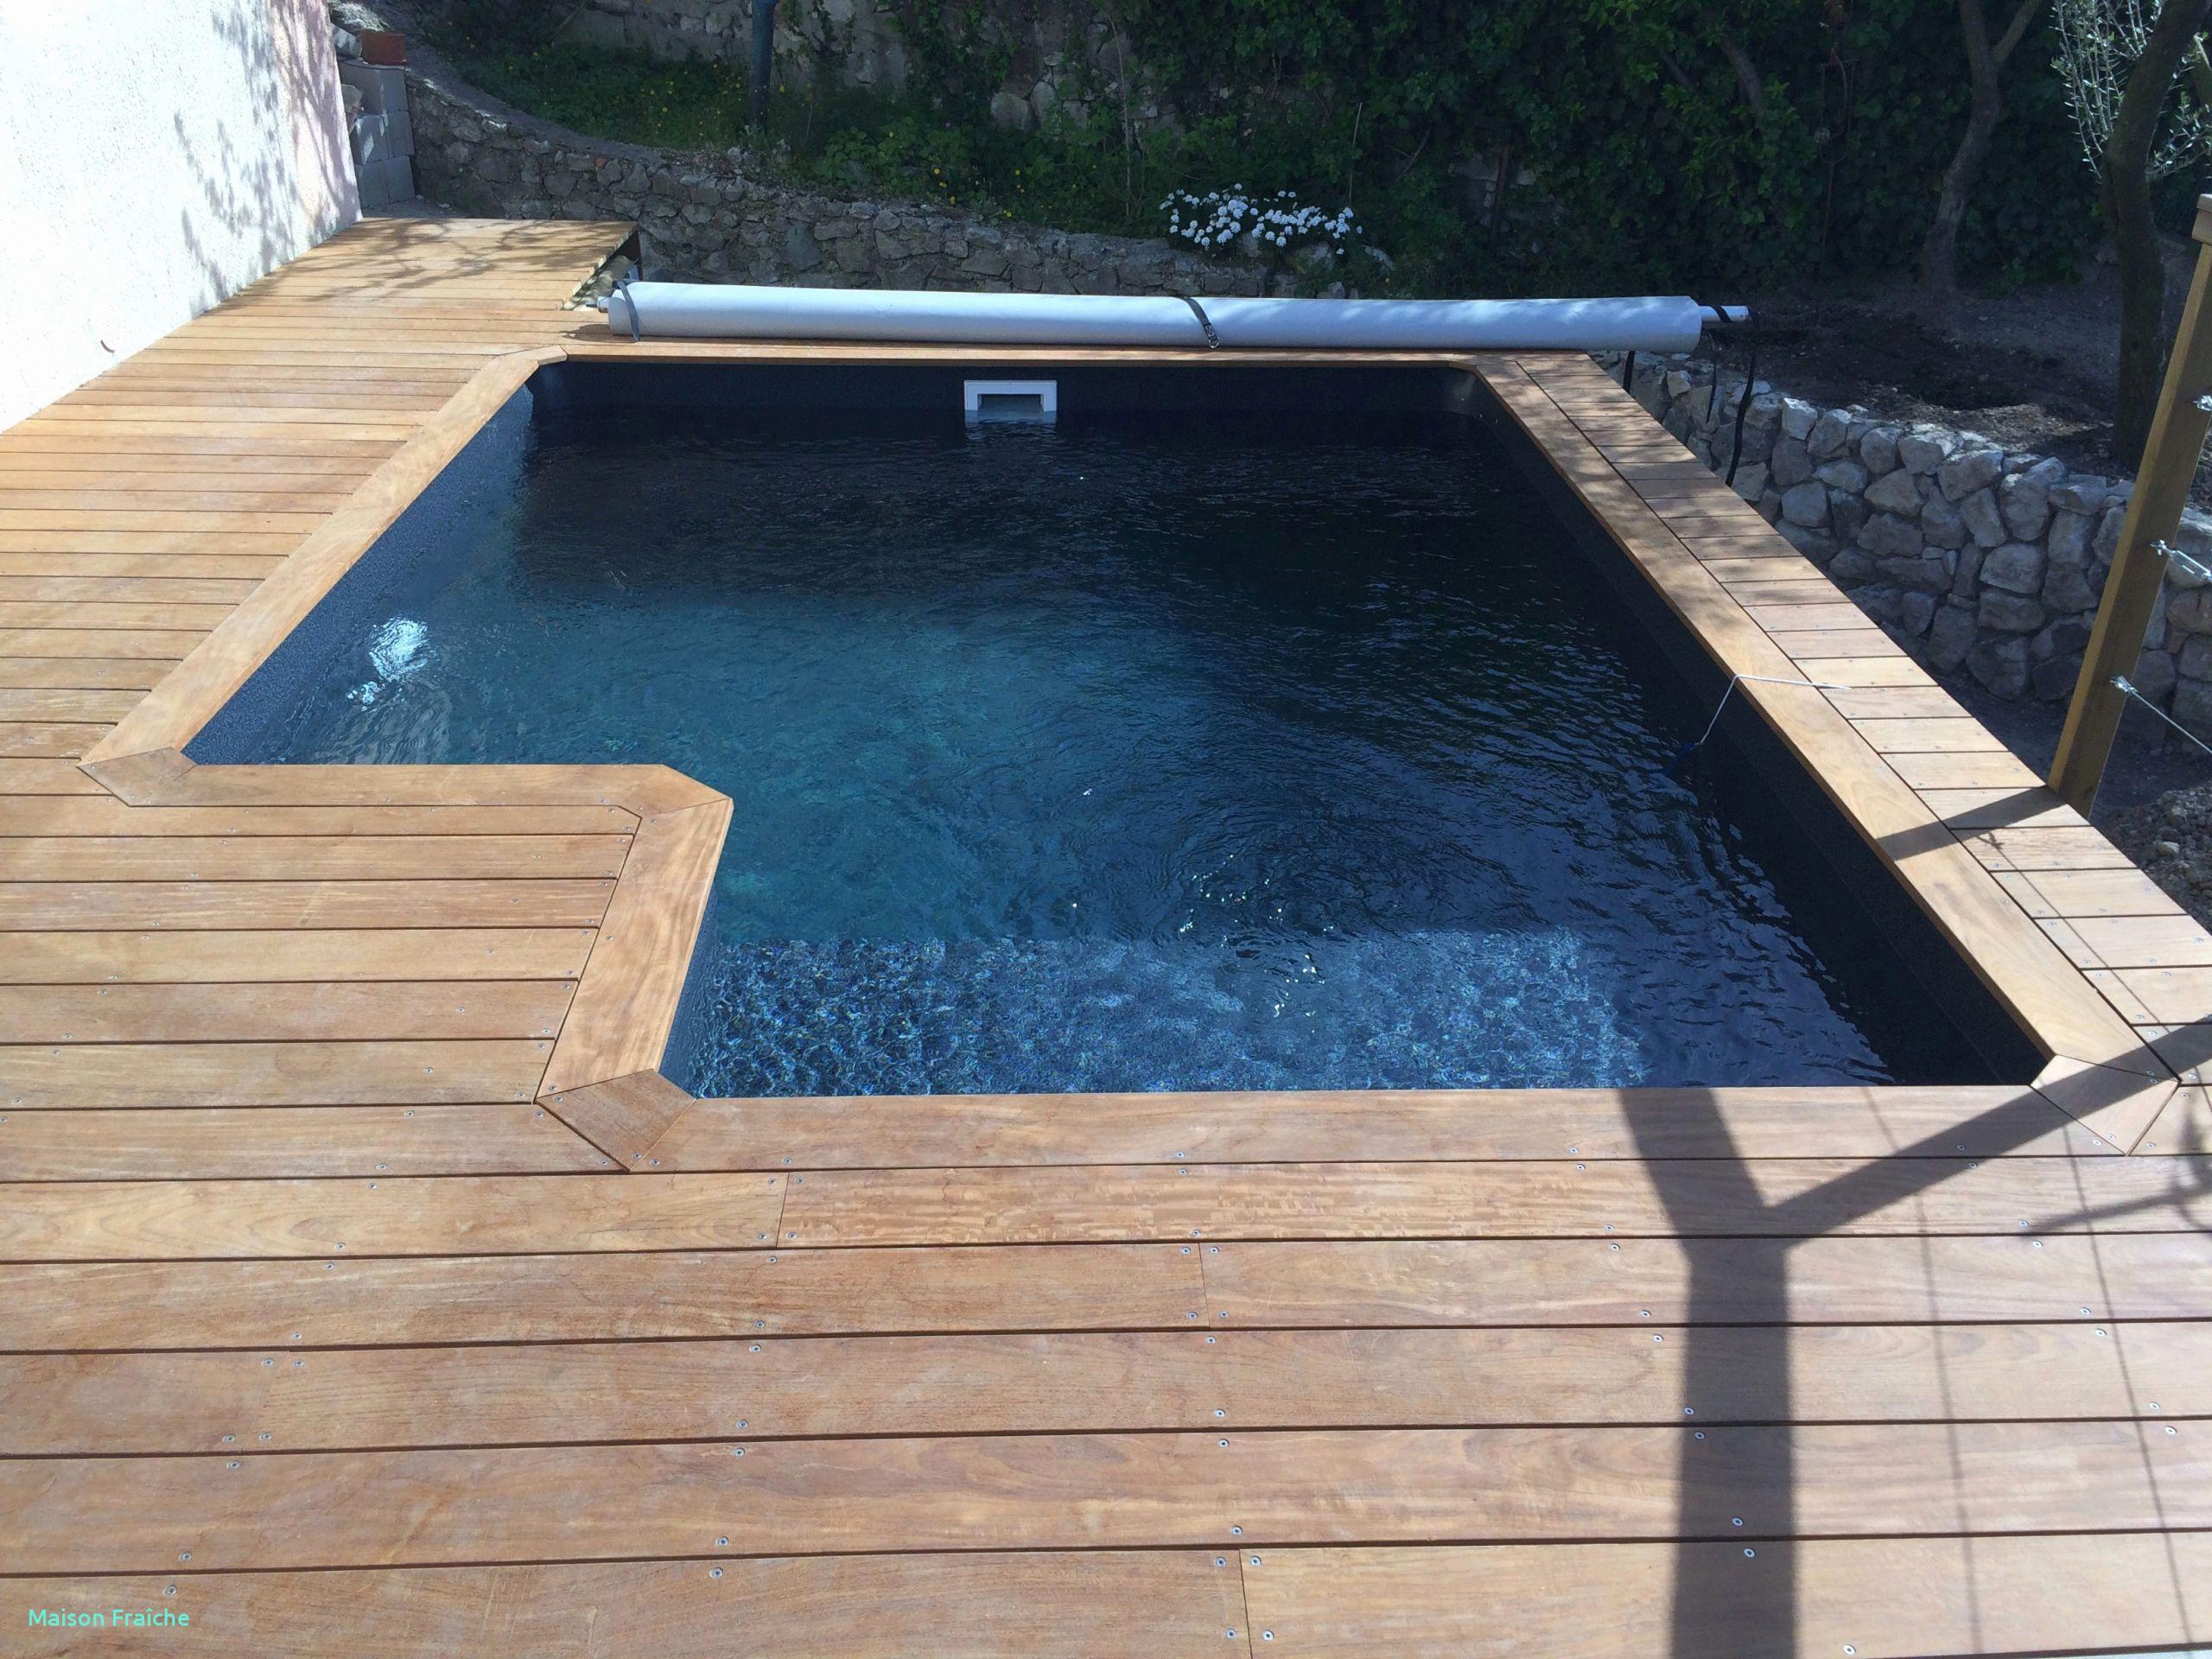 lame de terrasse bois pas cher unique meuble de terrasse beau mobilier de jardin bois raviraj of lame de terrasse bois pas cher